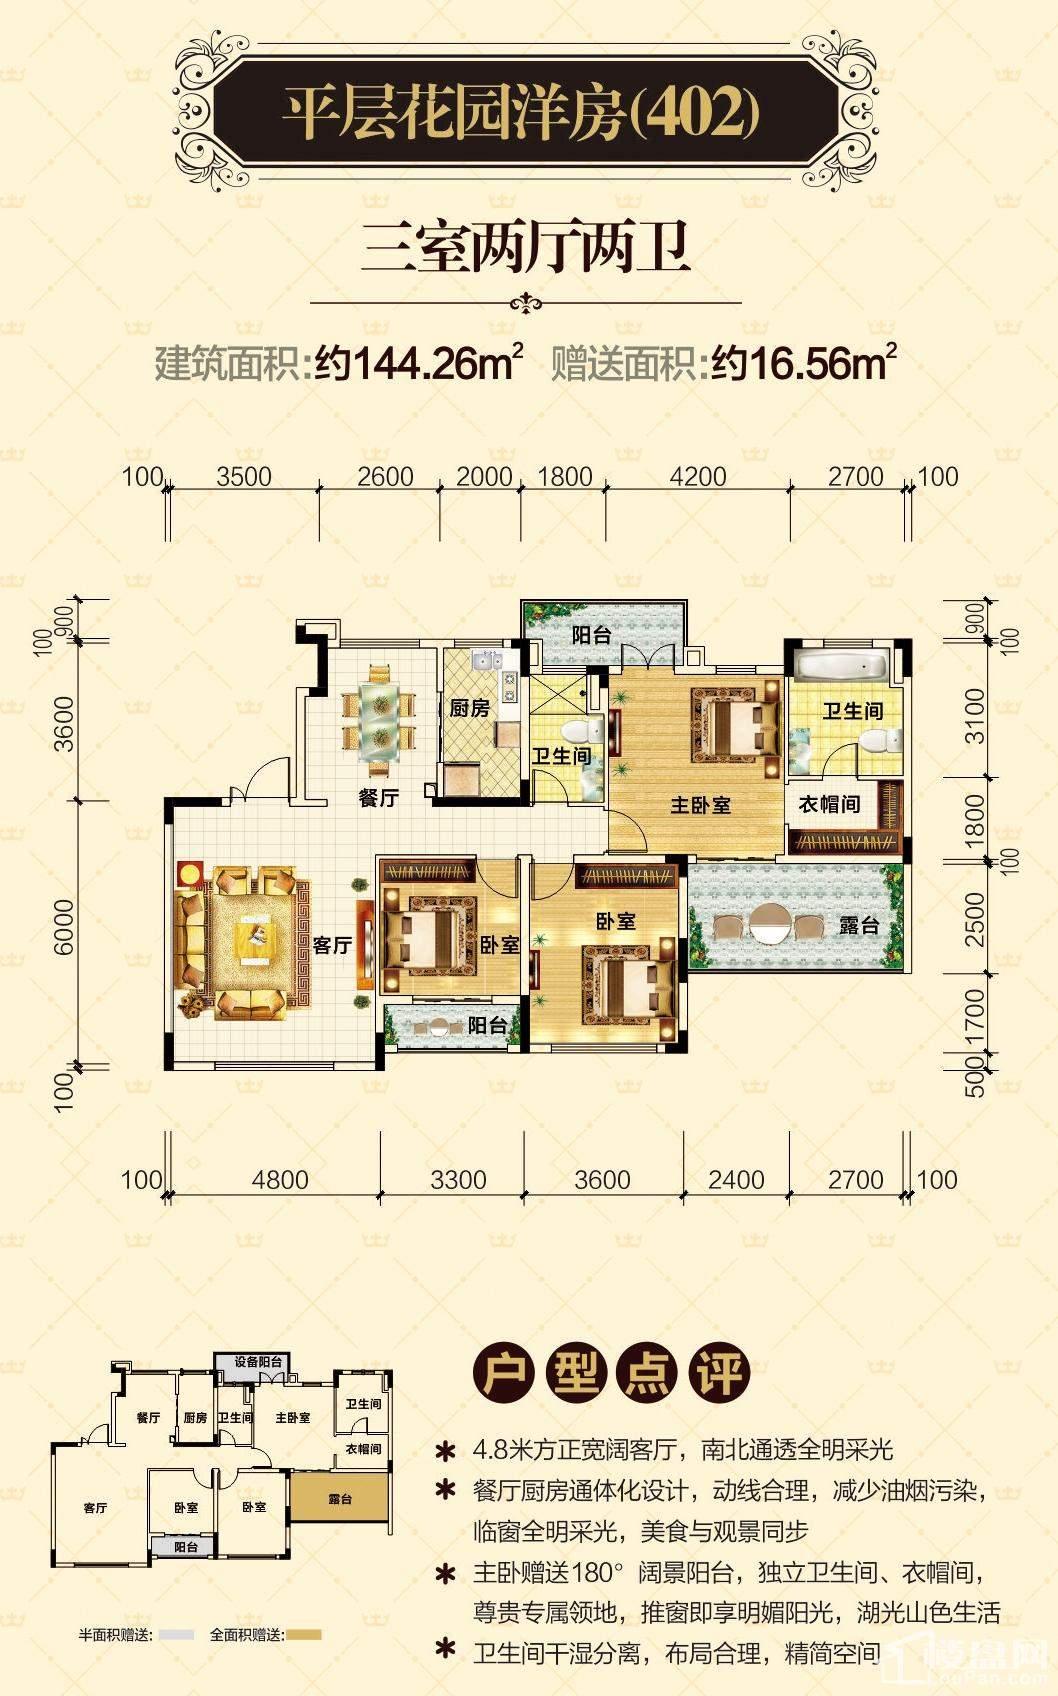 平层花园洋房402